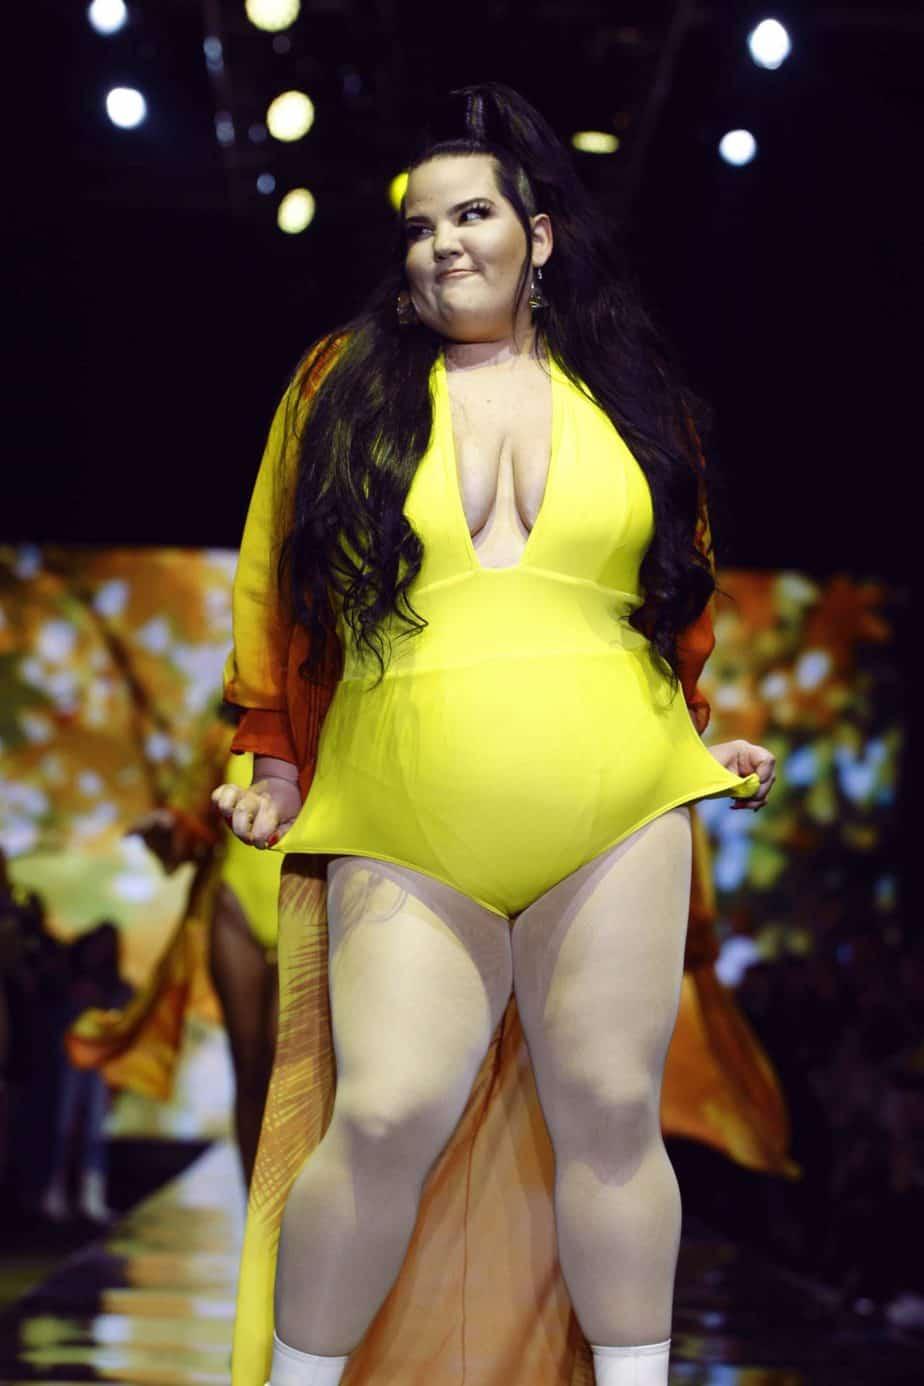 נטע ברזילי בבגד ים שלם צהוב. תצוגת בננהוט, שבוע האופנה תל אביב 2019. צילום: עומר רביבי